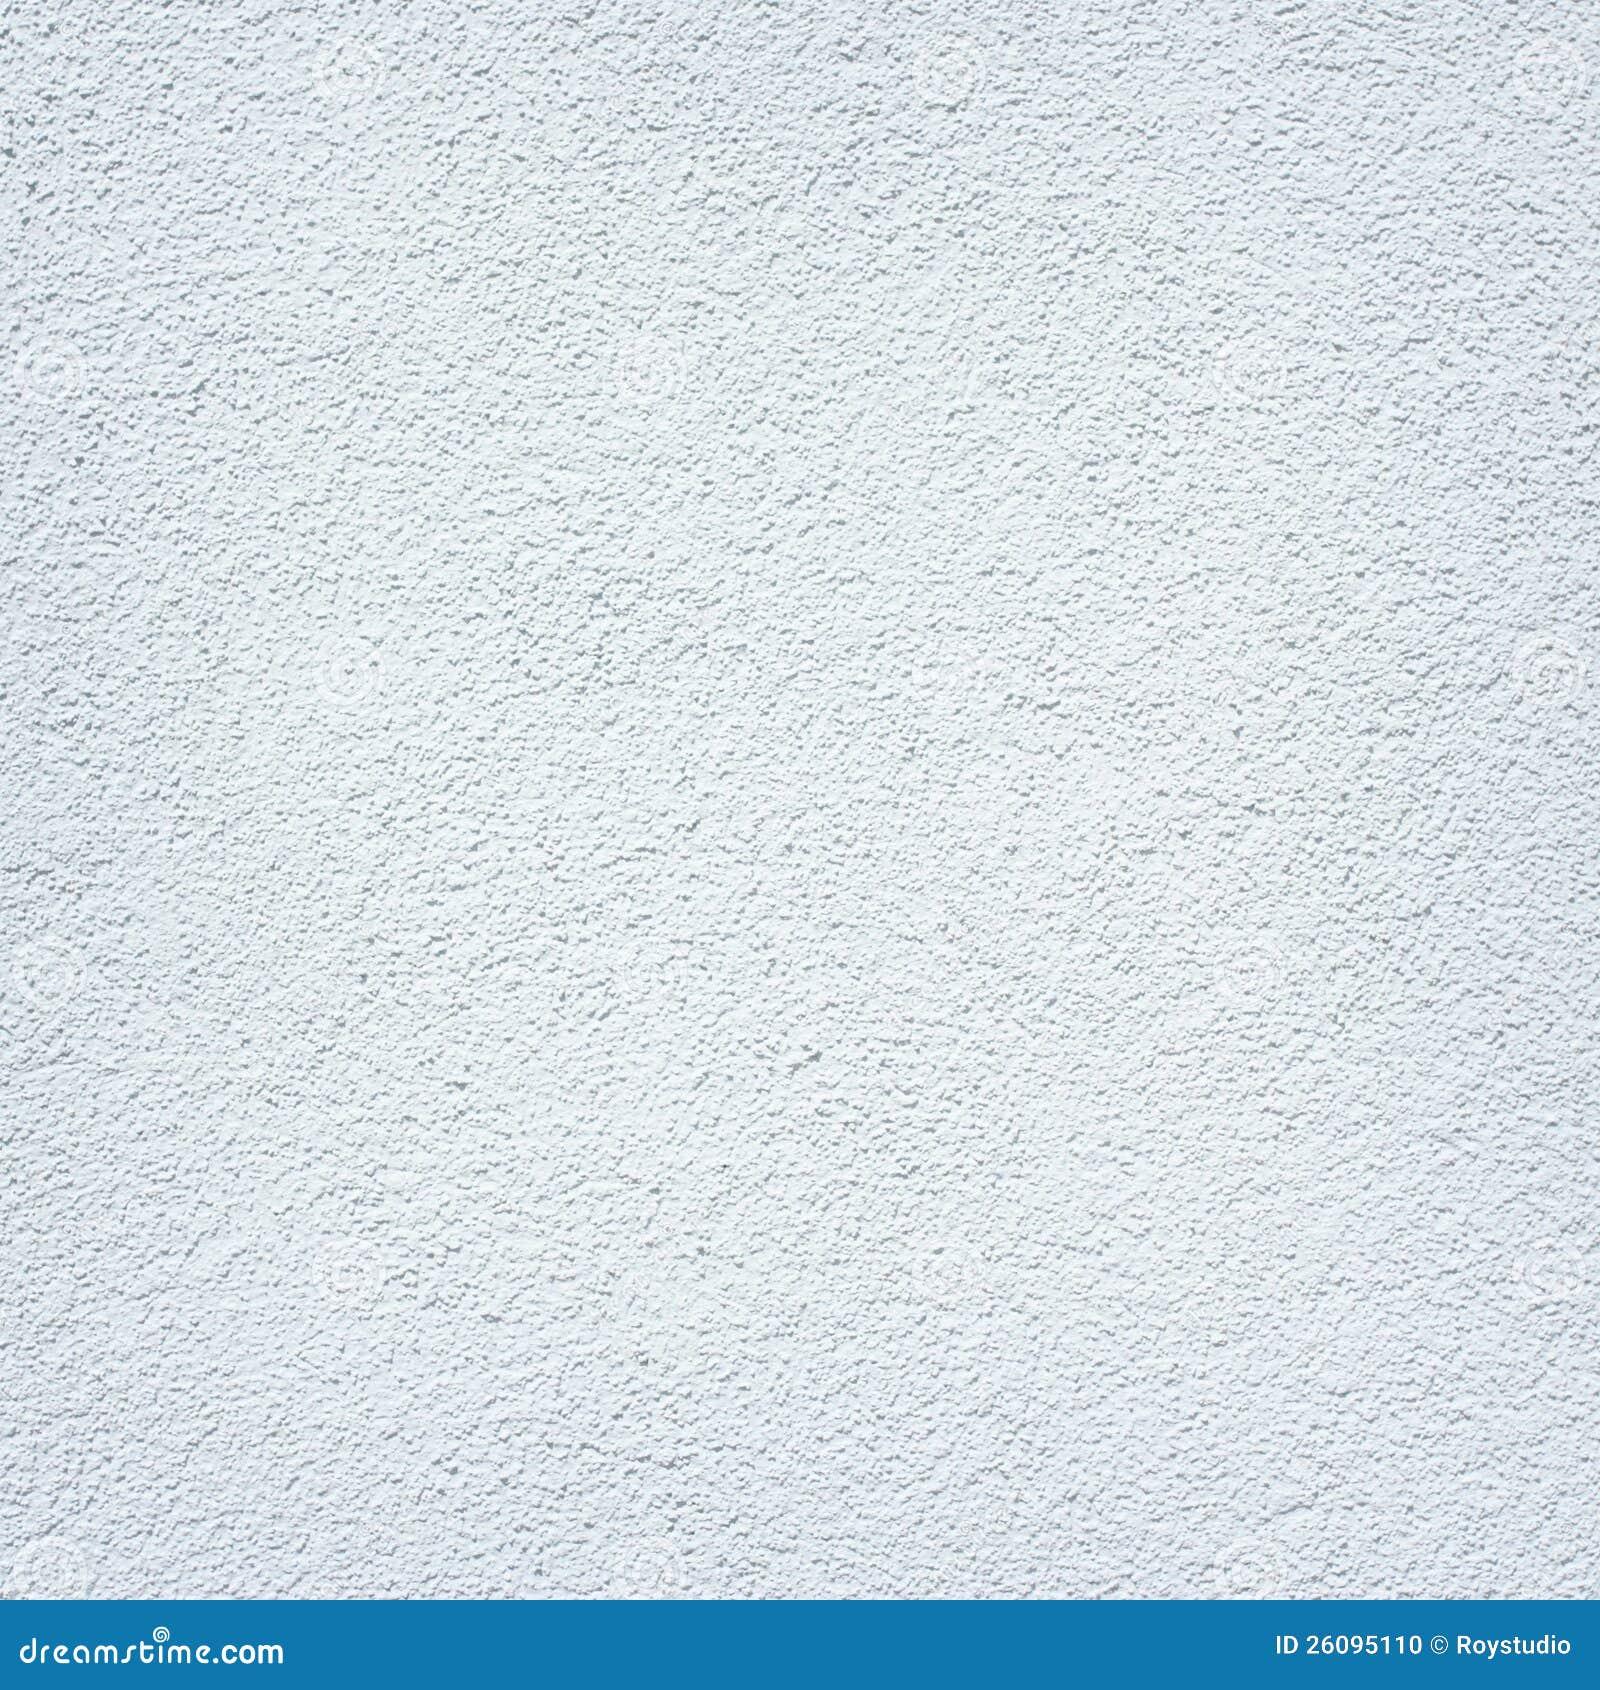 Textura blanca de la pared fondo cuadrado del grunge foto for Textura de pared